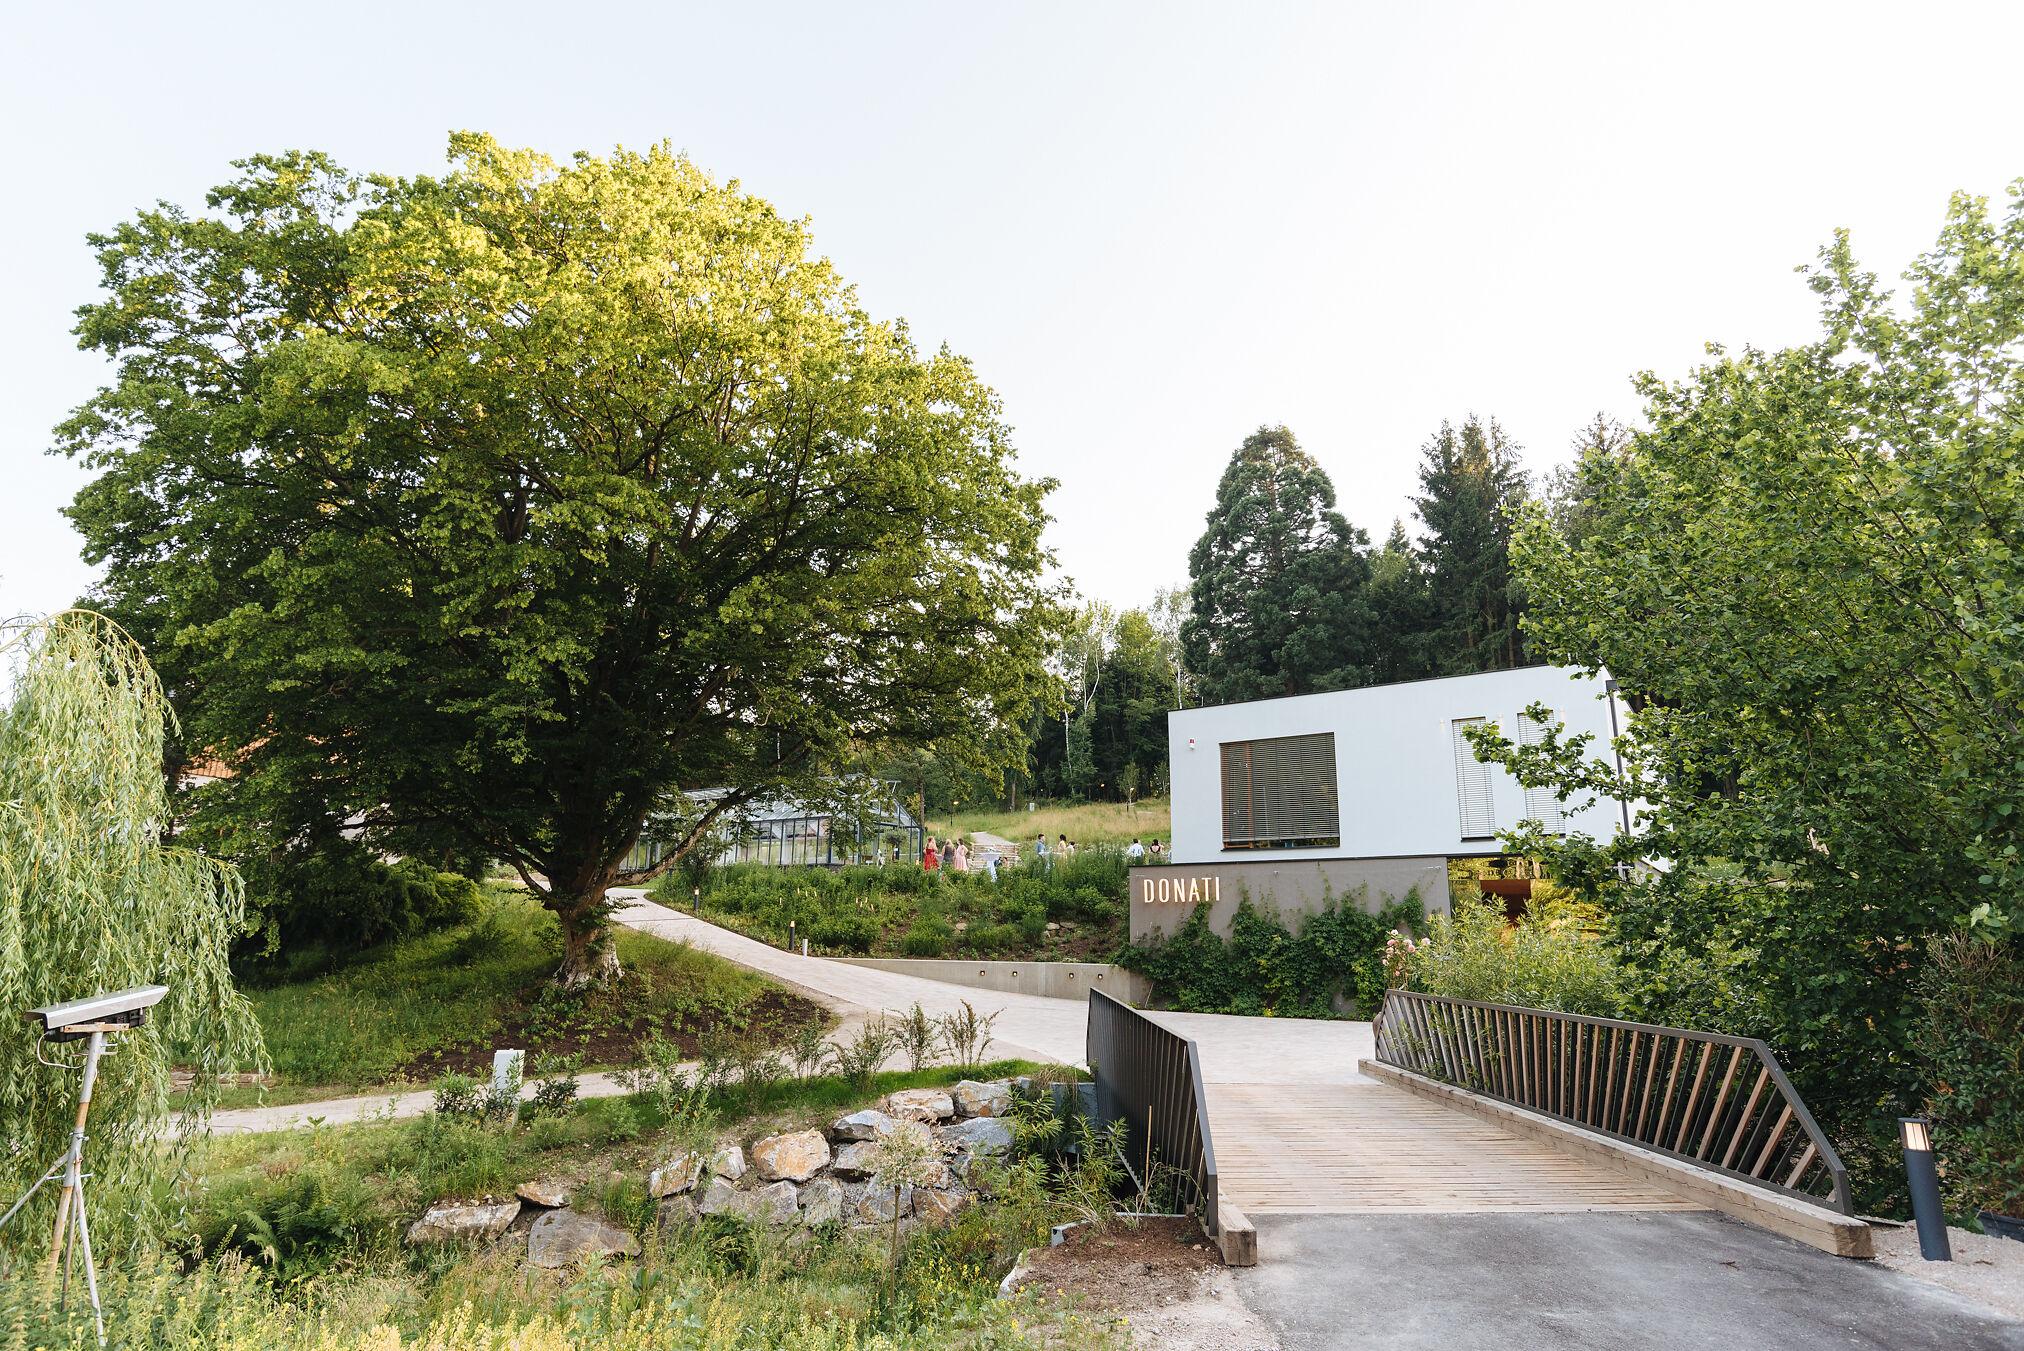 Hochzeit-Garten-Denoti-3.jpg